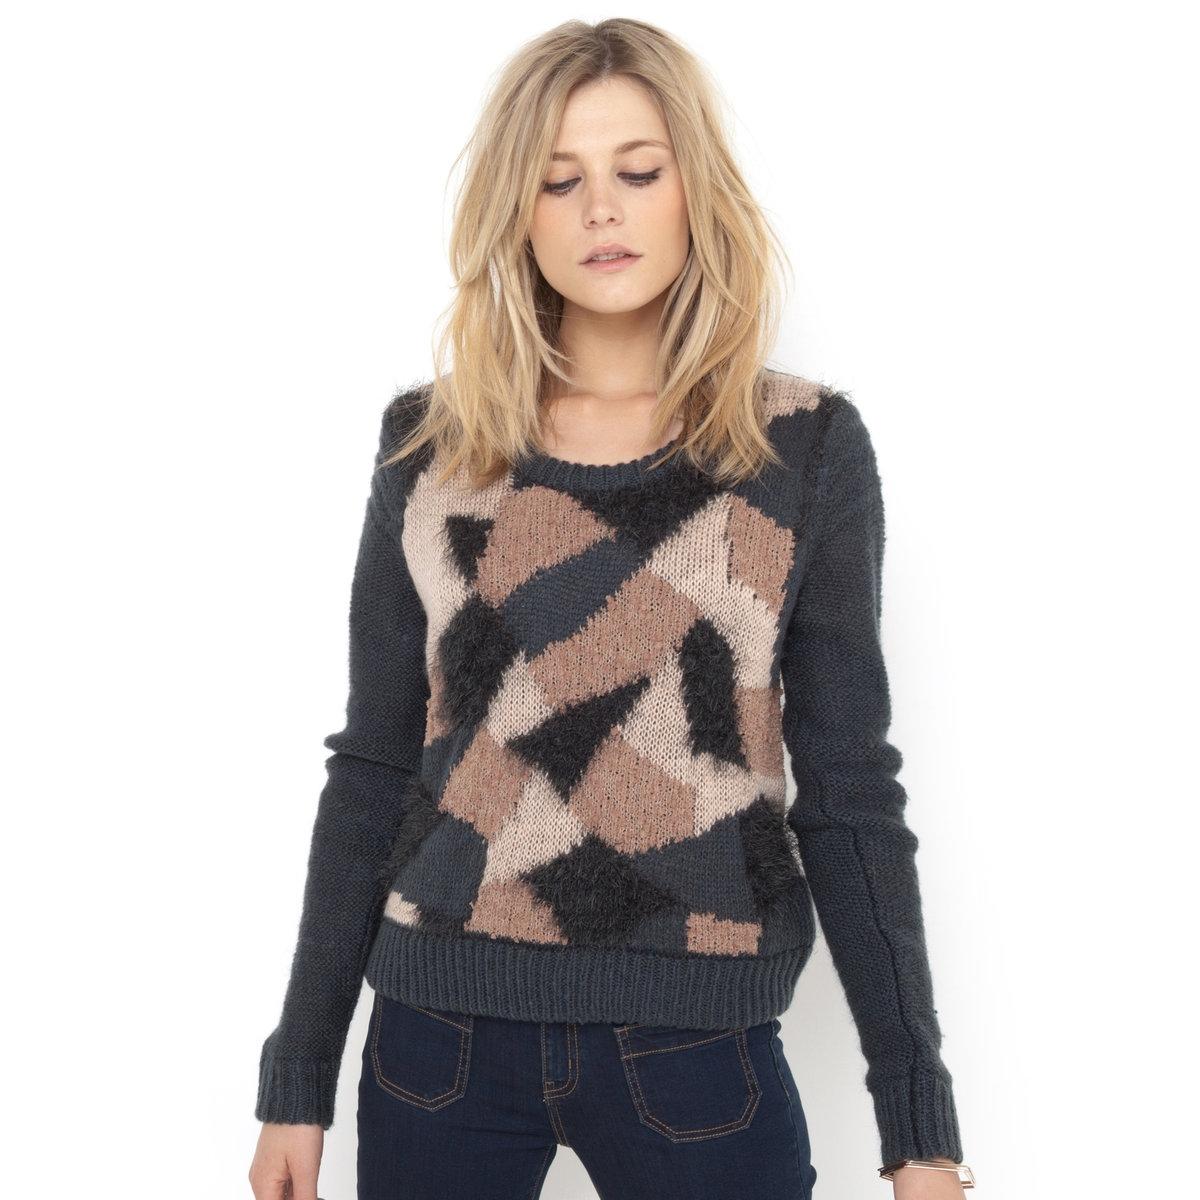 Пуловер с камуфляжным орнаментомЖаккардовый пуловер с камуфляжным орнаментом. Свободный вырез. Длинные рукава. 70% акрила, 30% полиэстера.Длина.55 см<br><br>Цвет: разноцветный рисунок<br>Размер: 46/48 (FR) - 52/54 (RUS)